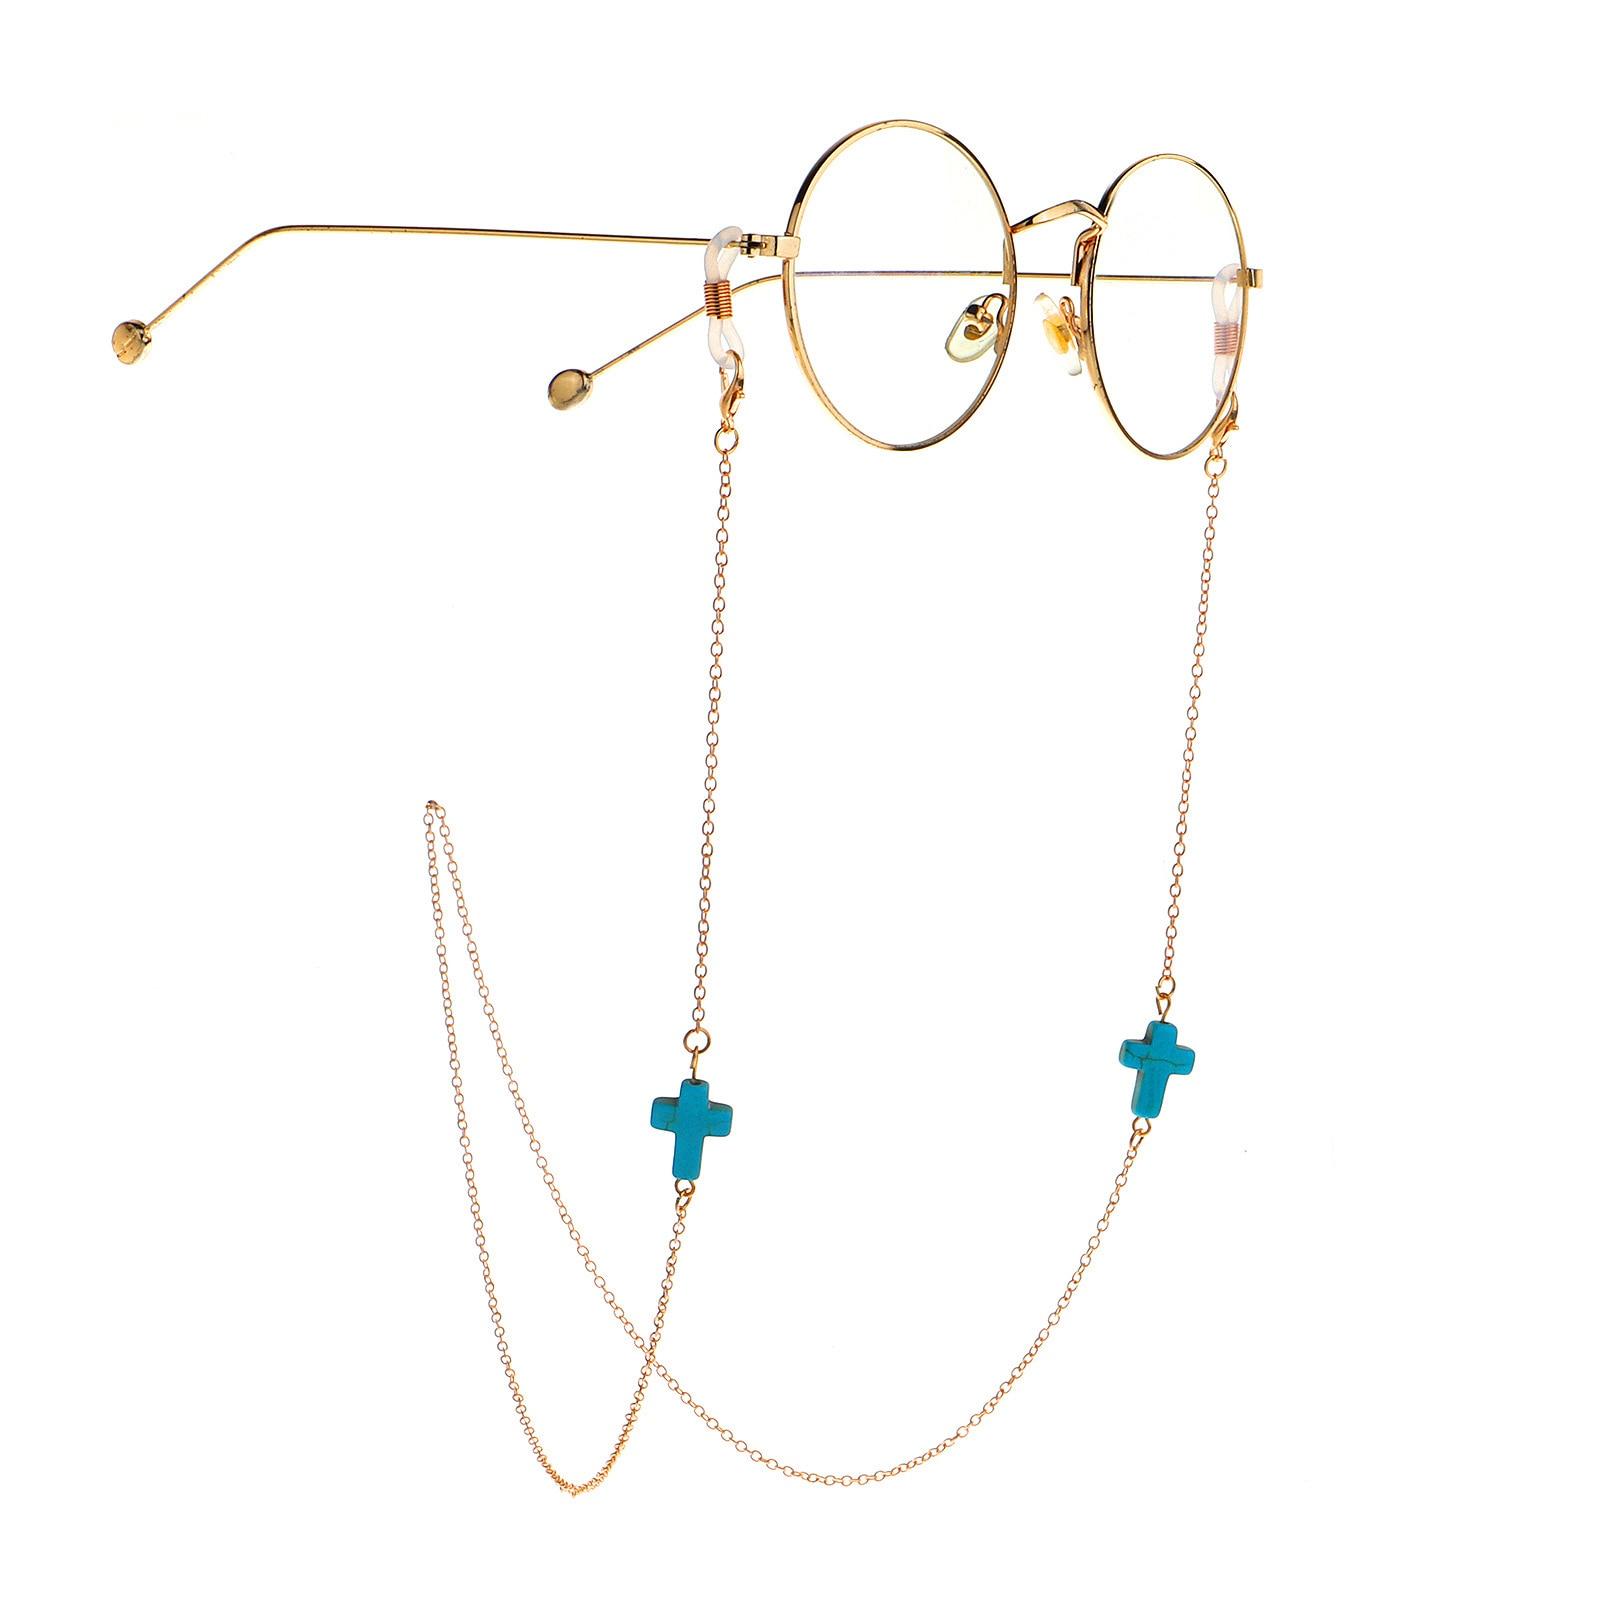 Green Color Natural Stone Sunglasses Chain For Women Men Heart Skull Cross Eyeglasses Reading Glasses Chain Cord Holder